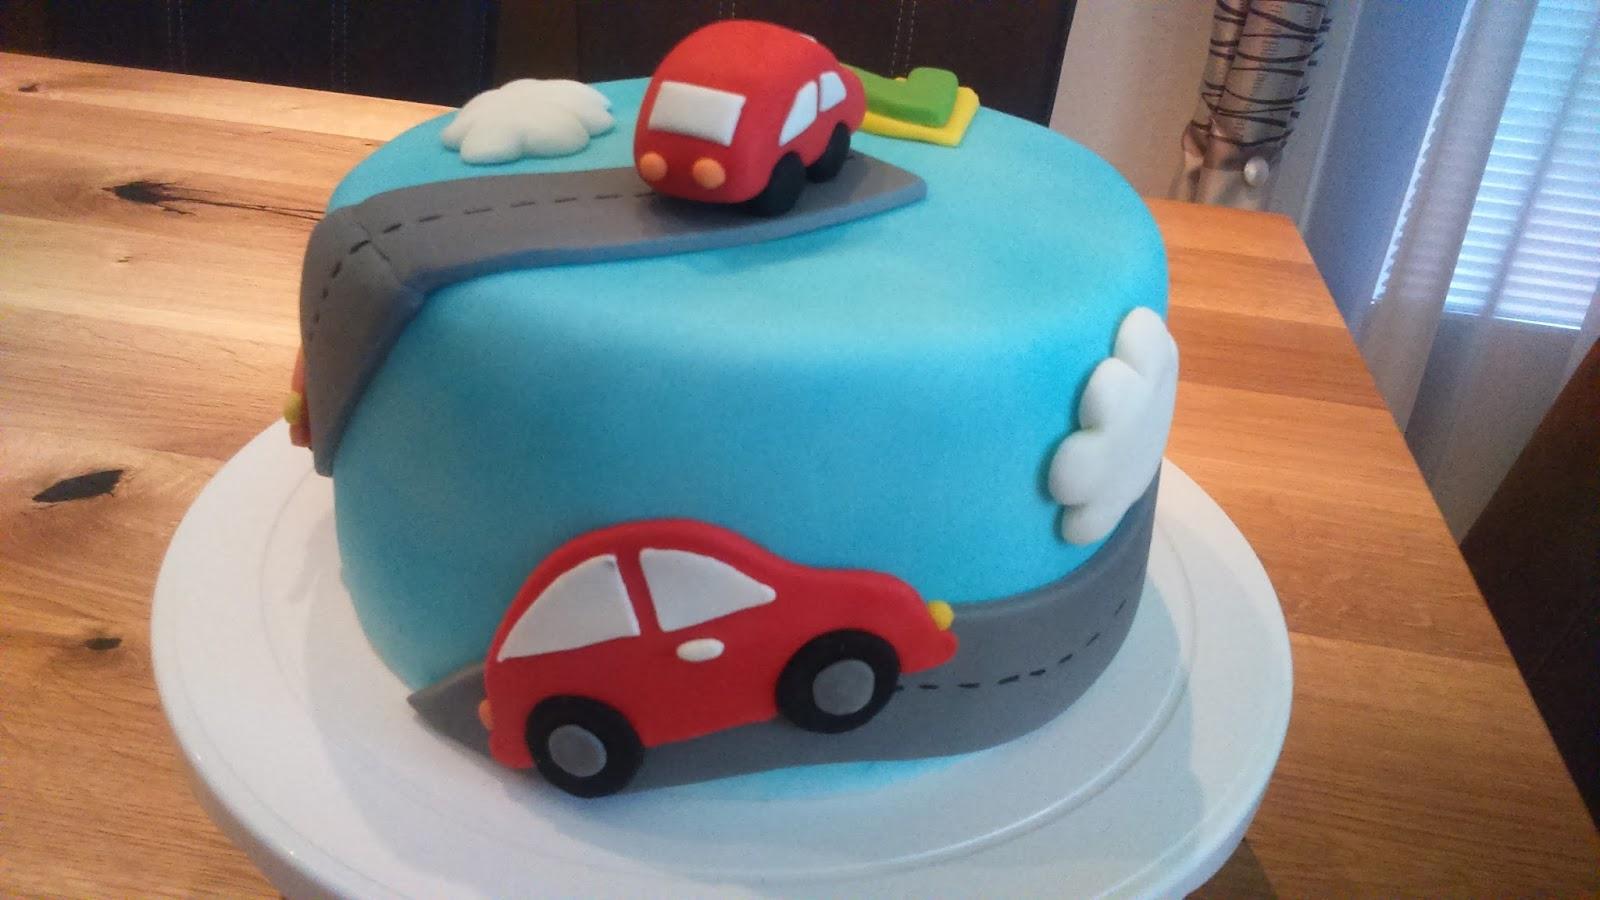 Kaccy S Lounge Eine Feine Geburtstagstorte Zum 2 Geburtstag